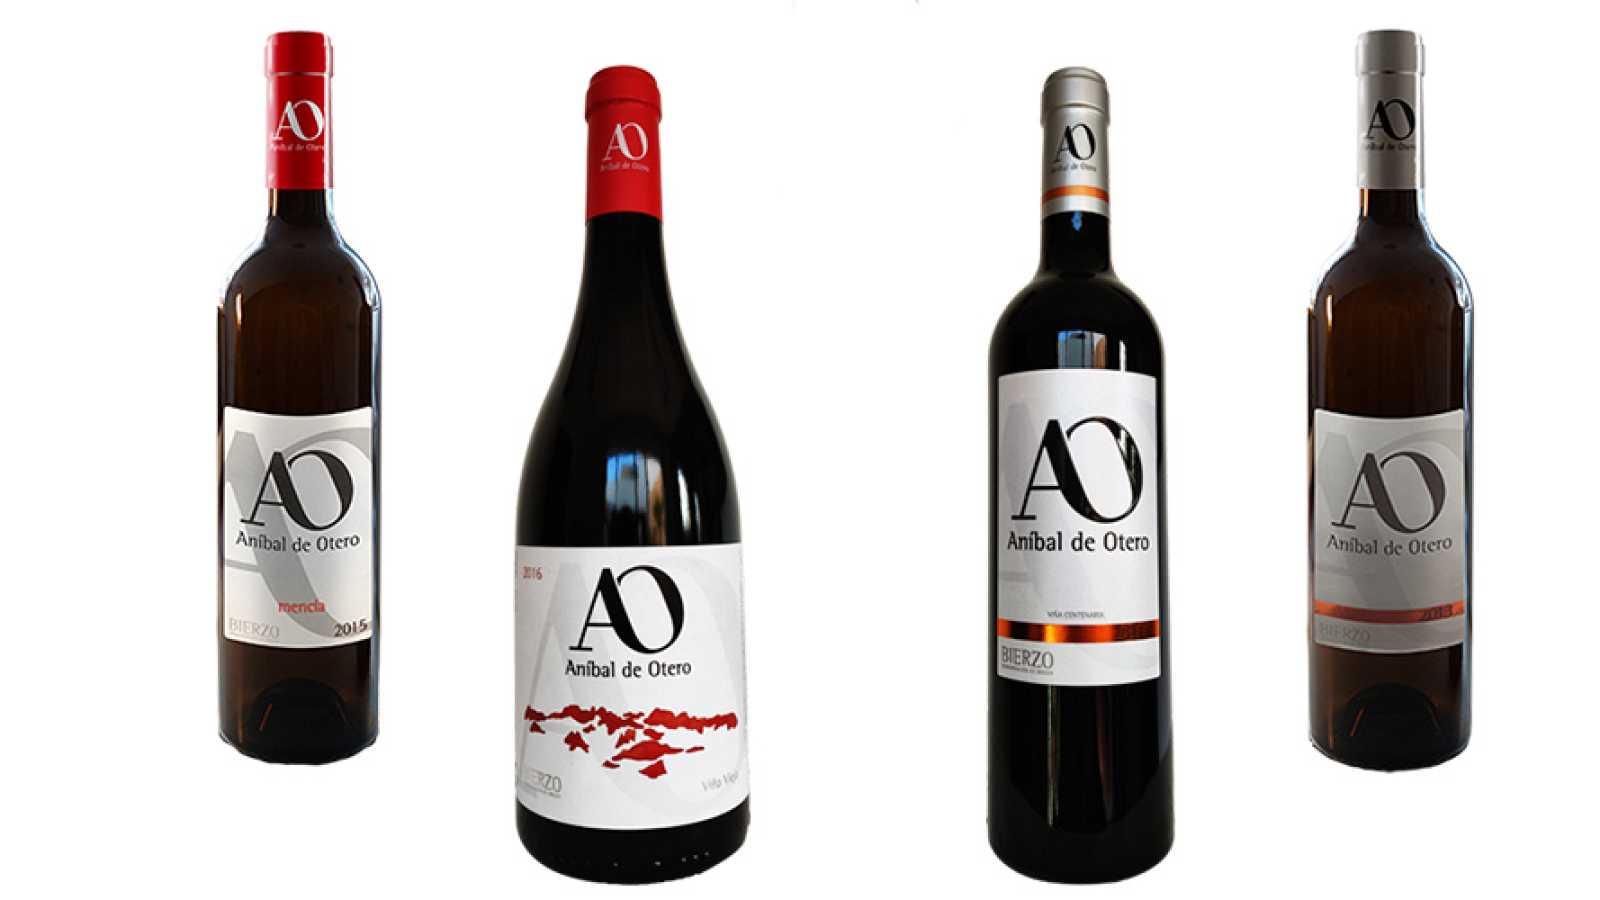 En clave Turismo - Aníbal de Otero, auténtico vino del Bierzo - 08/10/20 - escuchar ahora